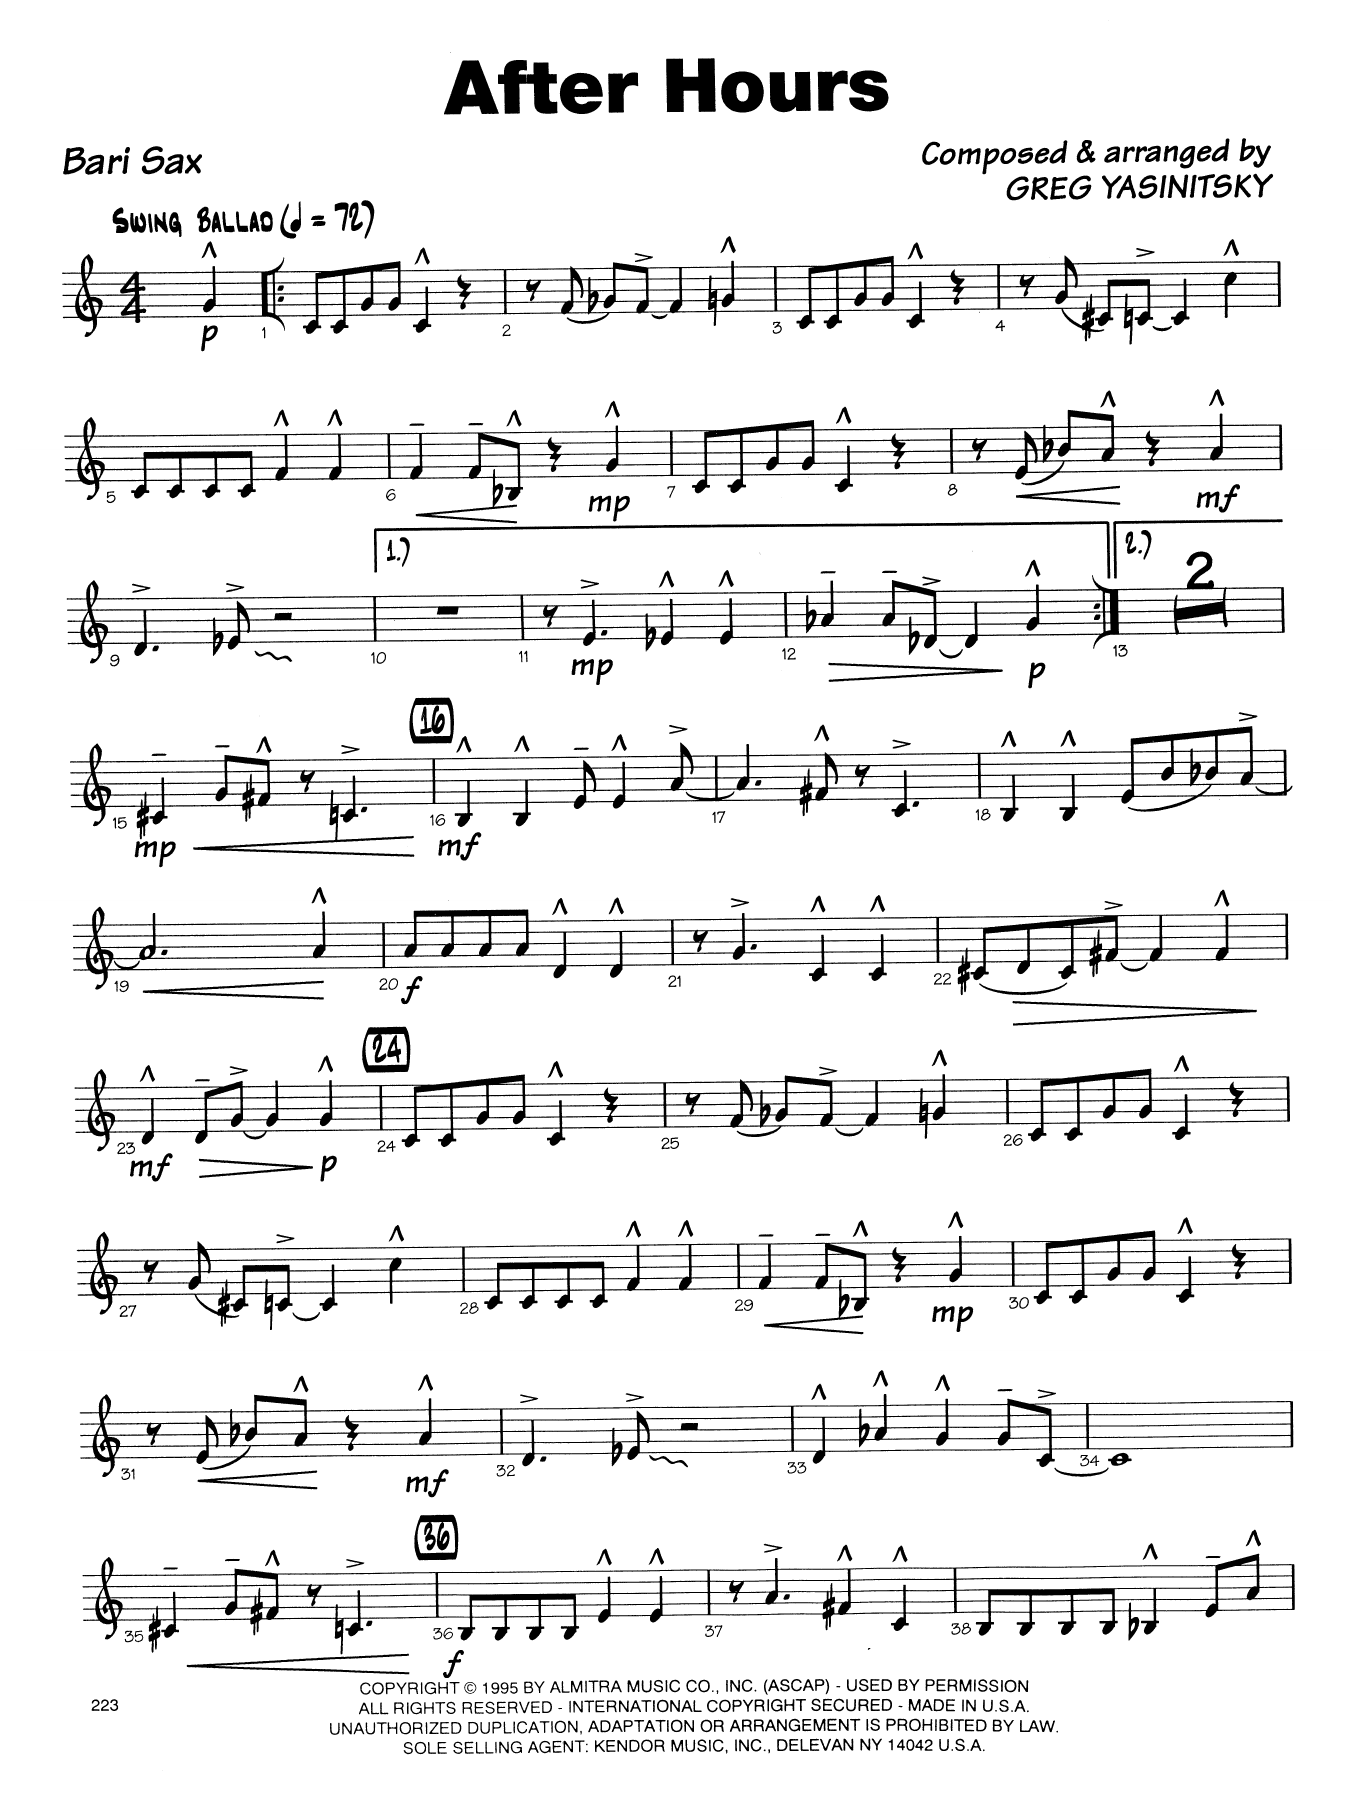 Gregory Yasinitsky After Hours - Eb Baritone Saxophone sheet music notes printable PDF score